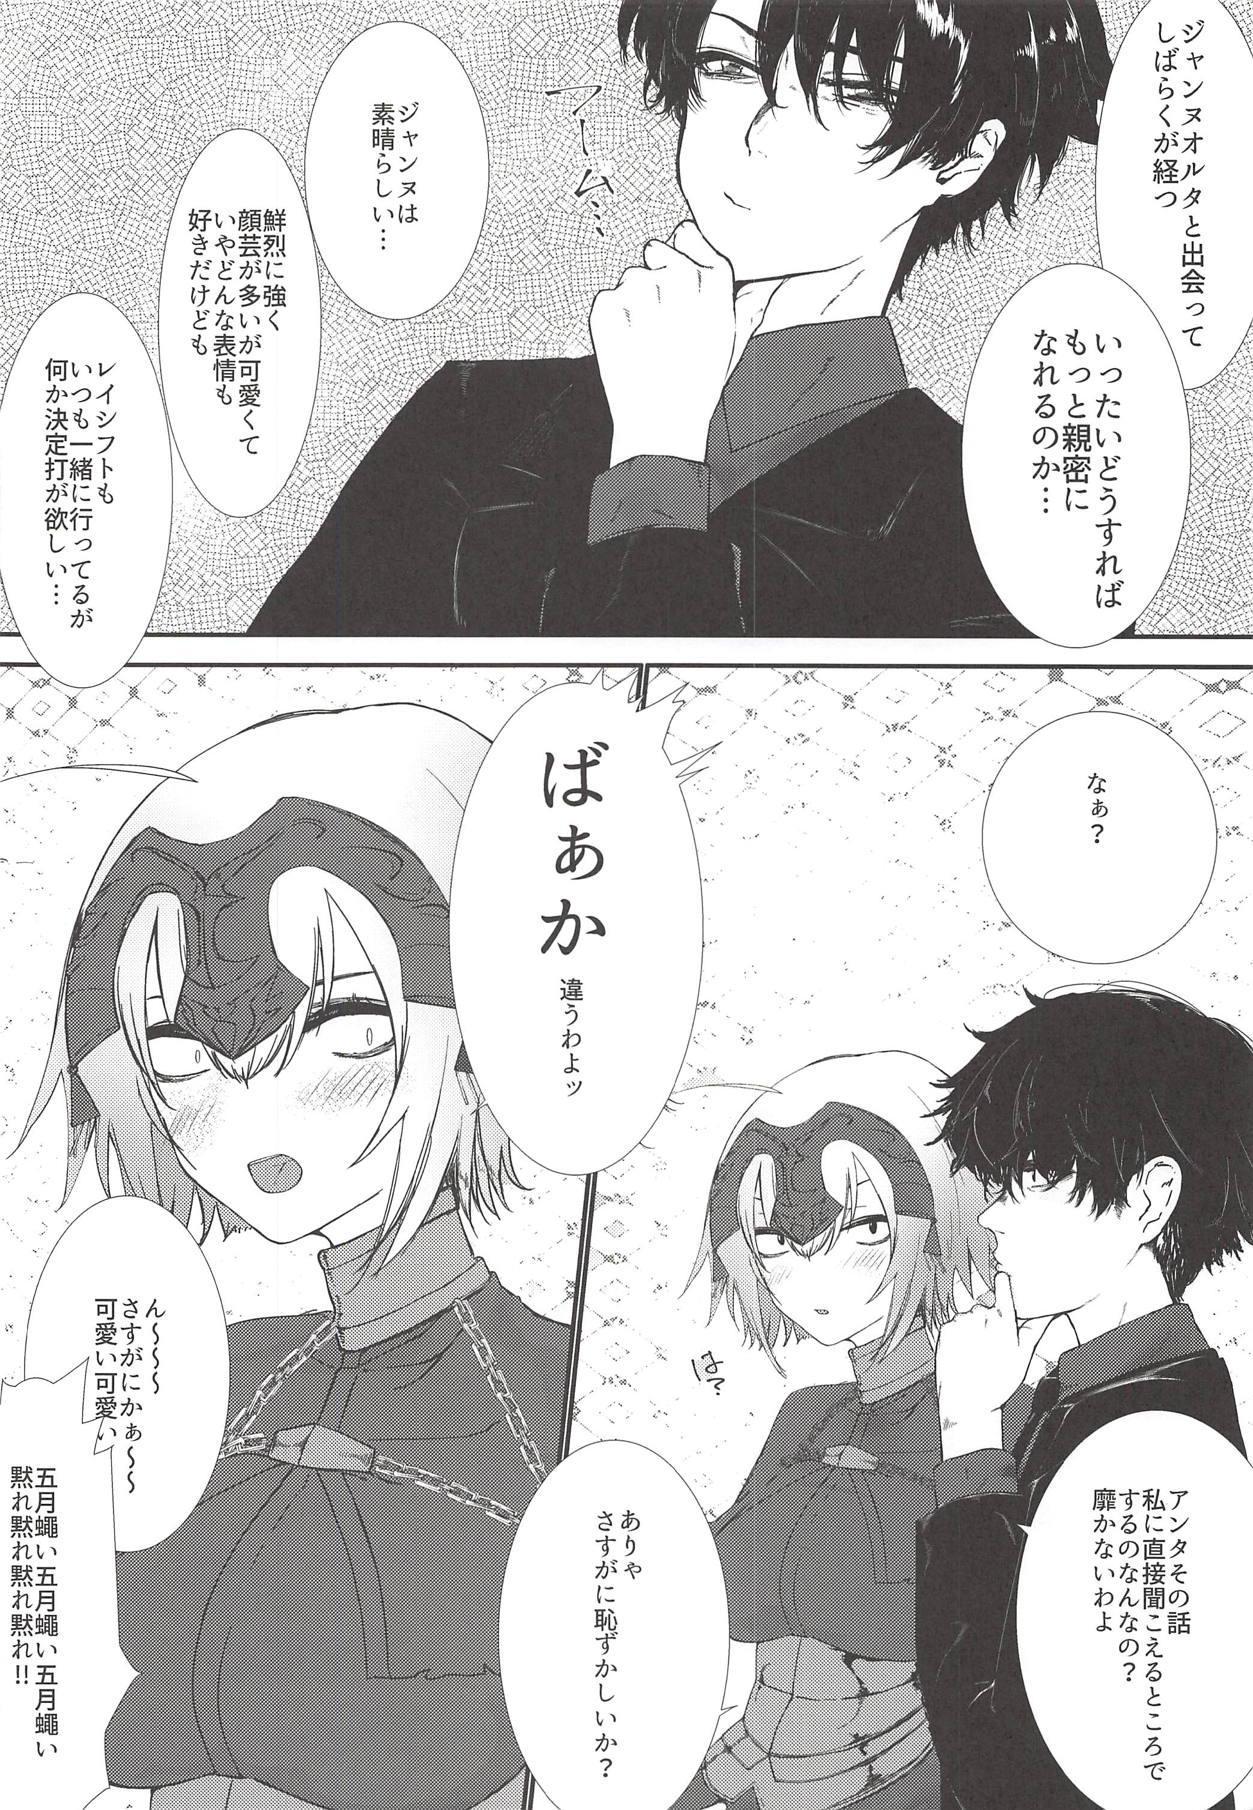 Jeanne Alter Zettai Otosu Man 4